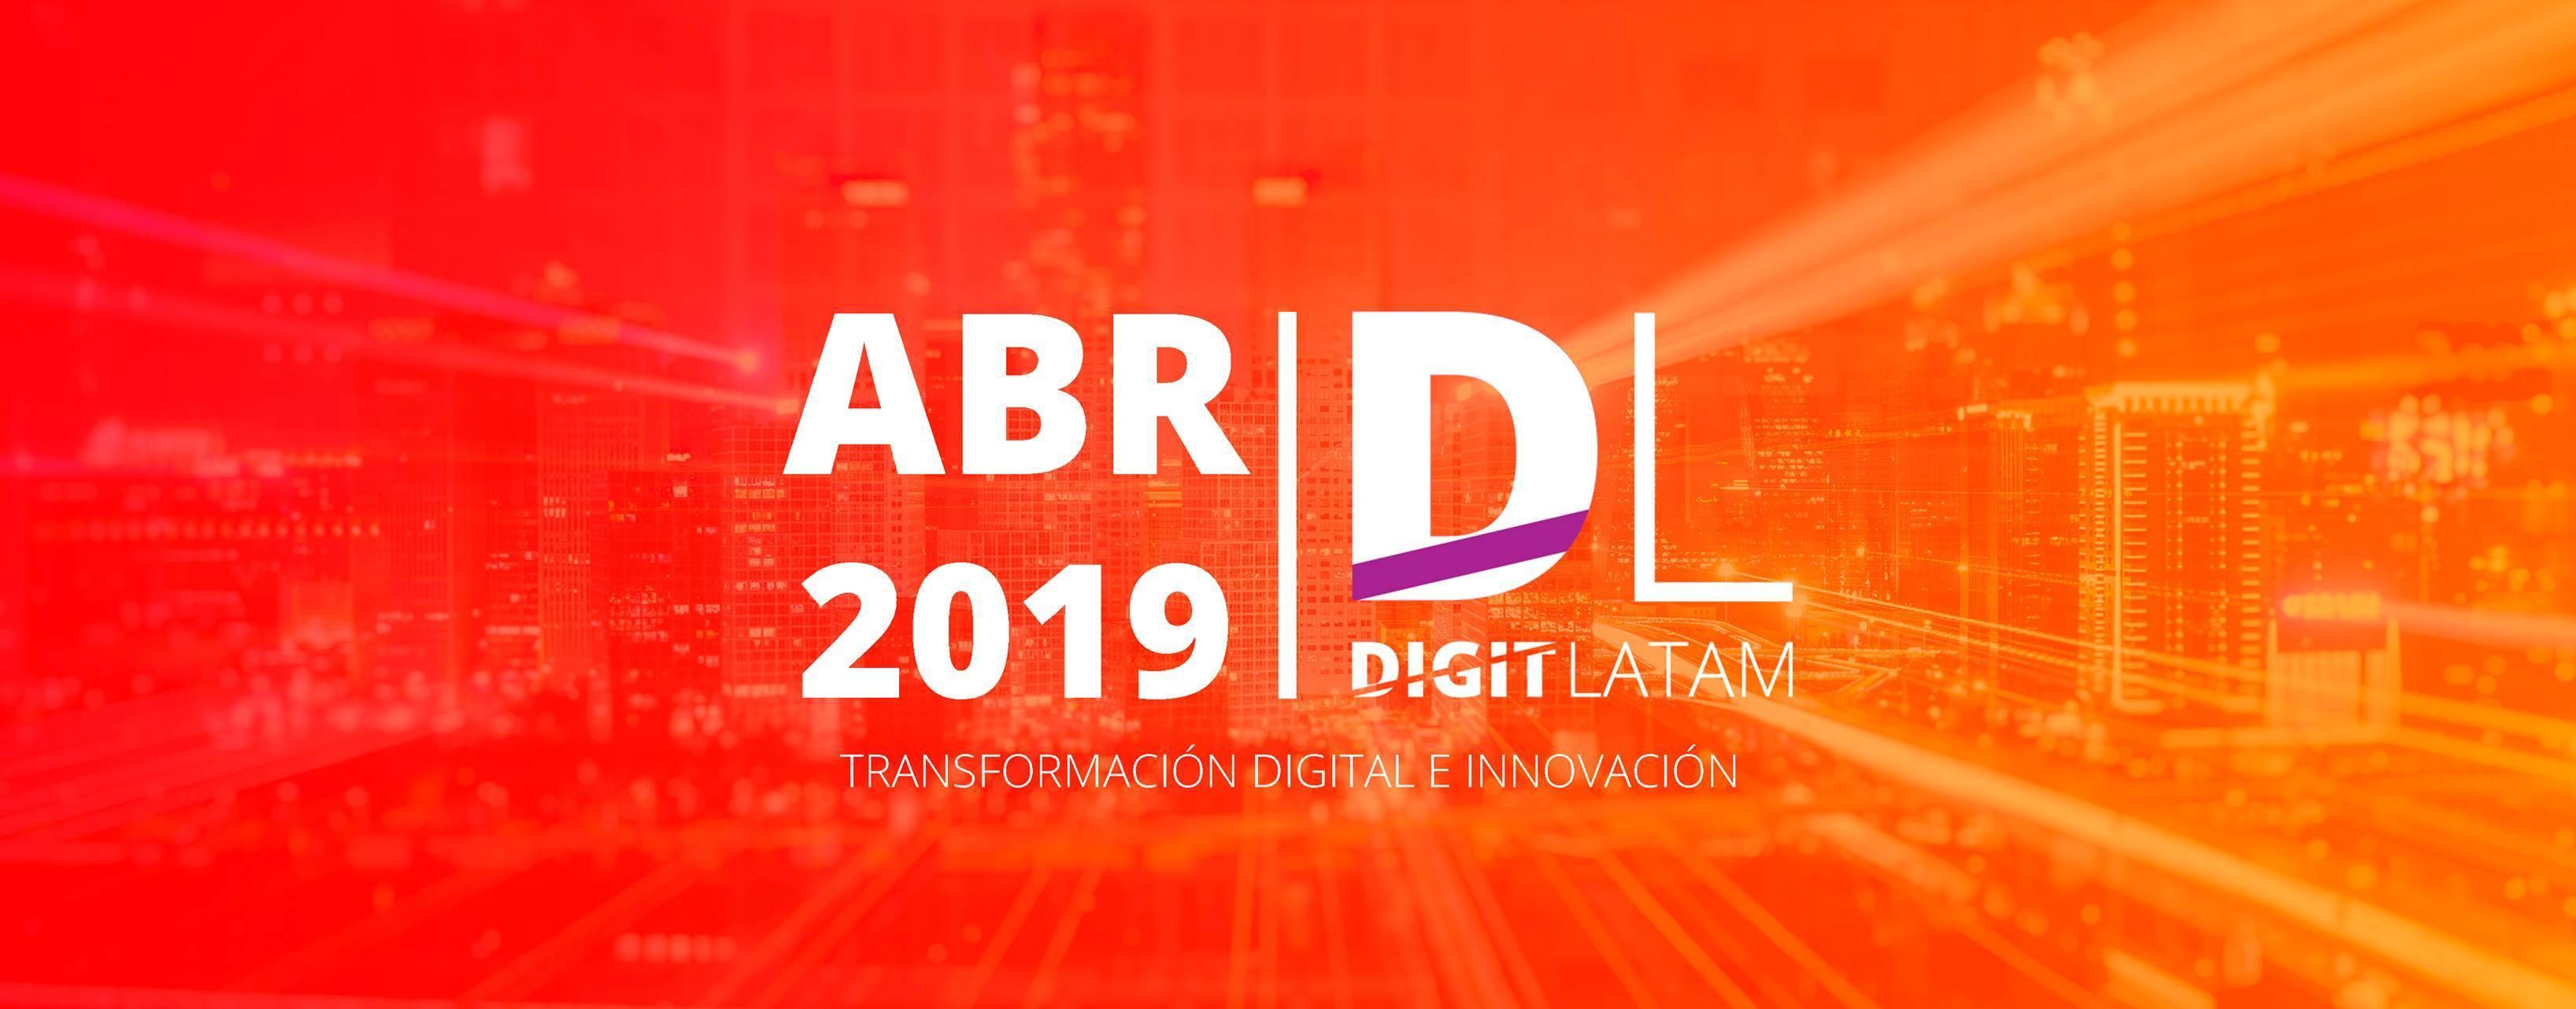 Se viene Digit Latam: el foro de transformación digital e innovación